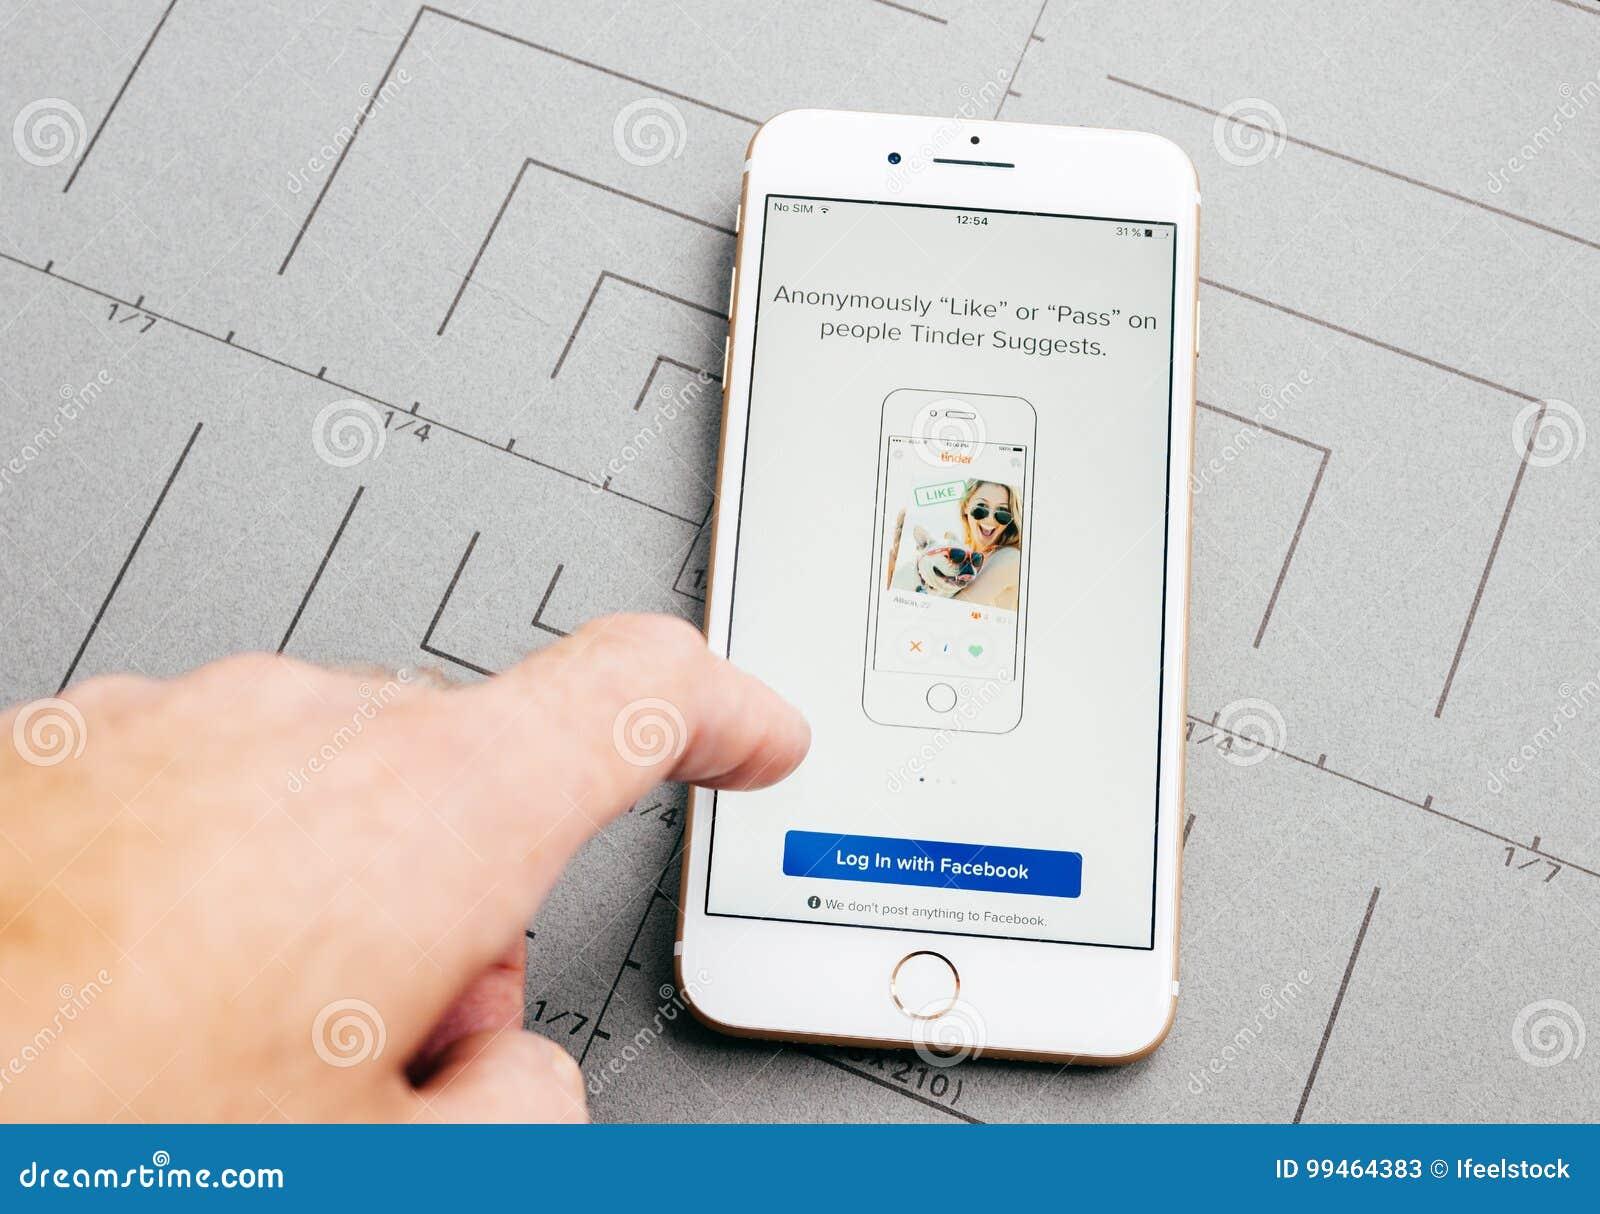 χρονολόγηση εφαρμογών iPhone Πρίτσαρντ, υπηρεσία γνωριμιών